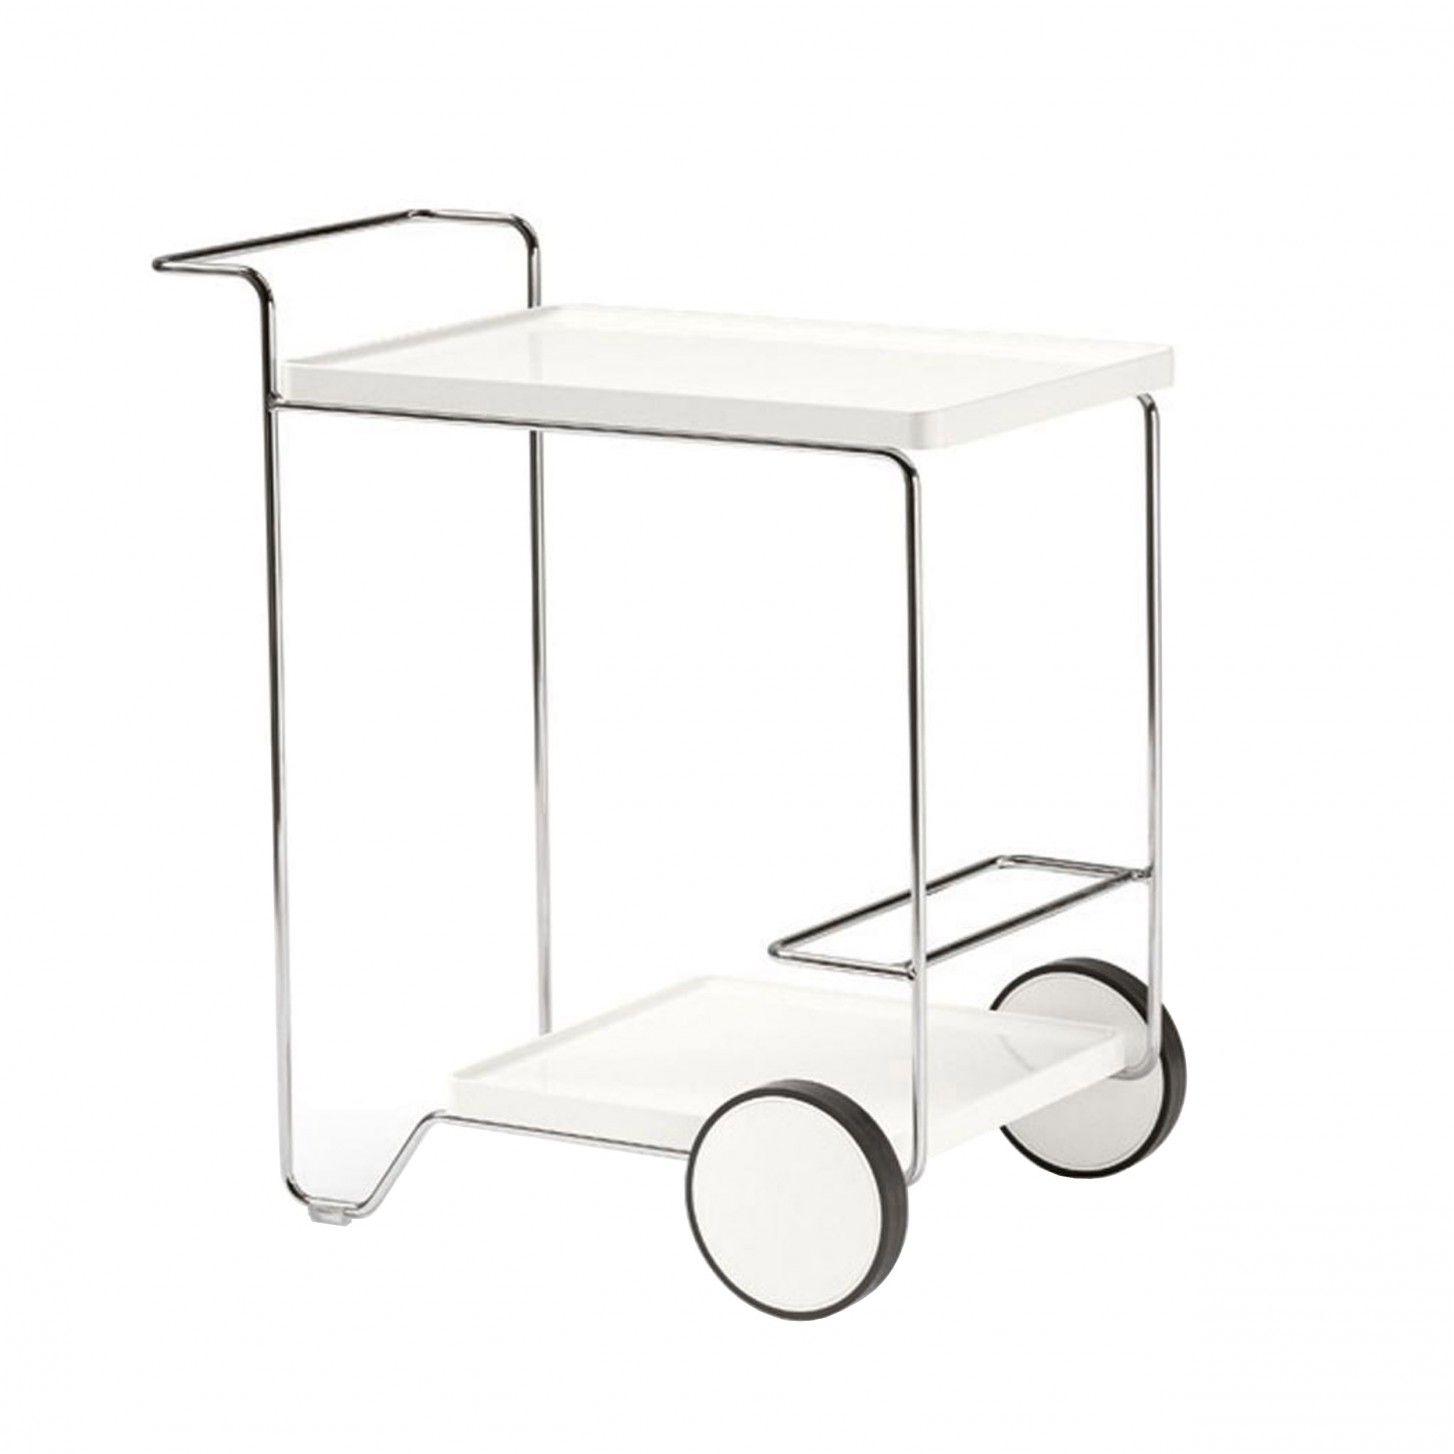 Tray Roller Beistellwagen Von Calligaris Bei